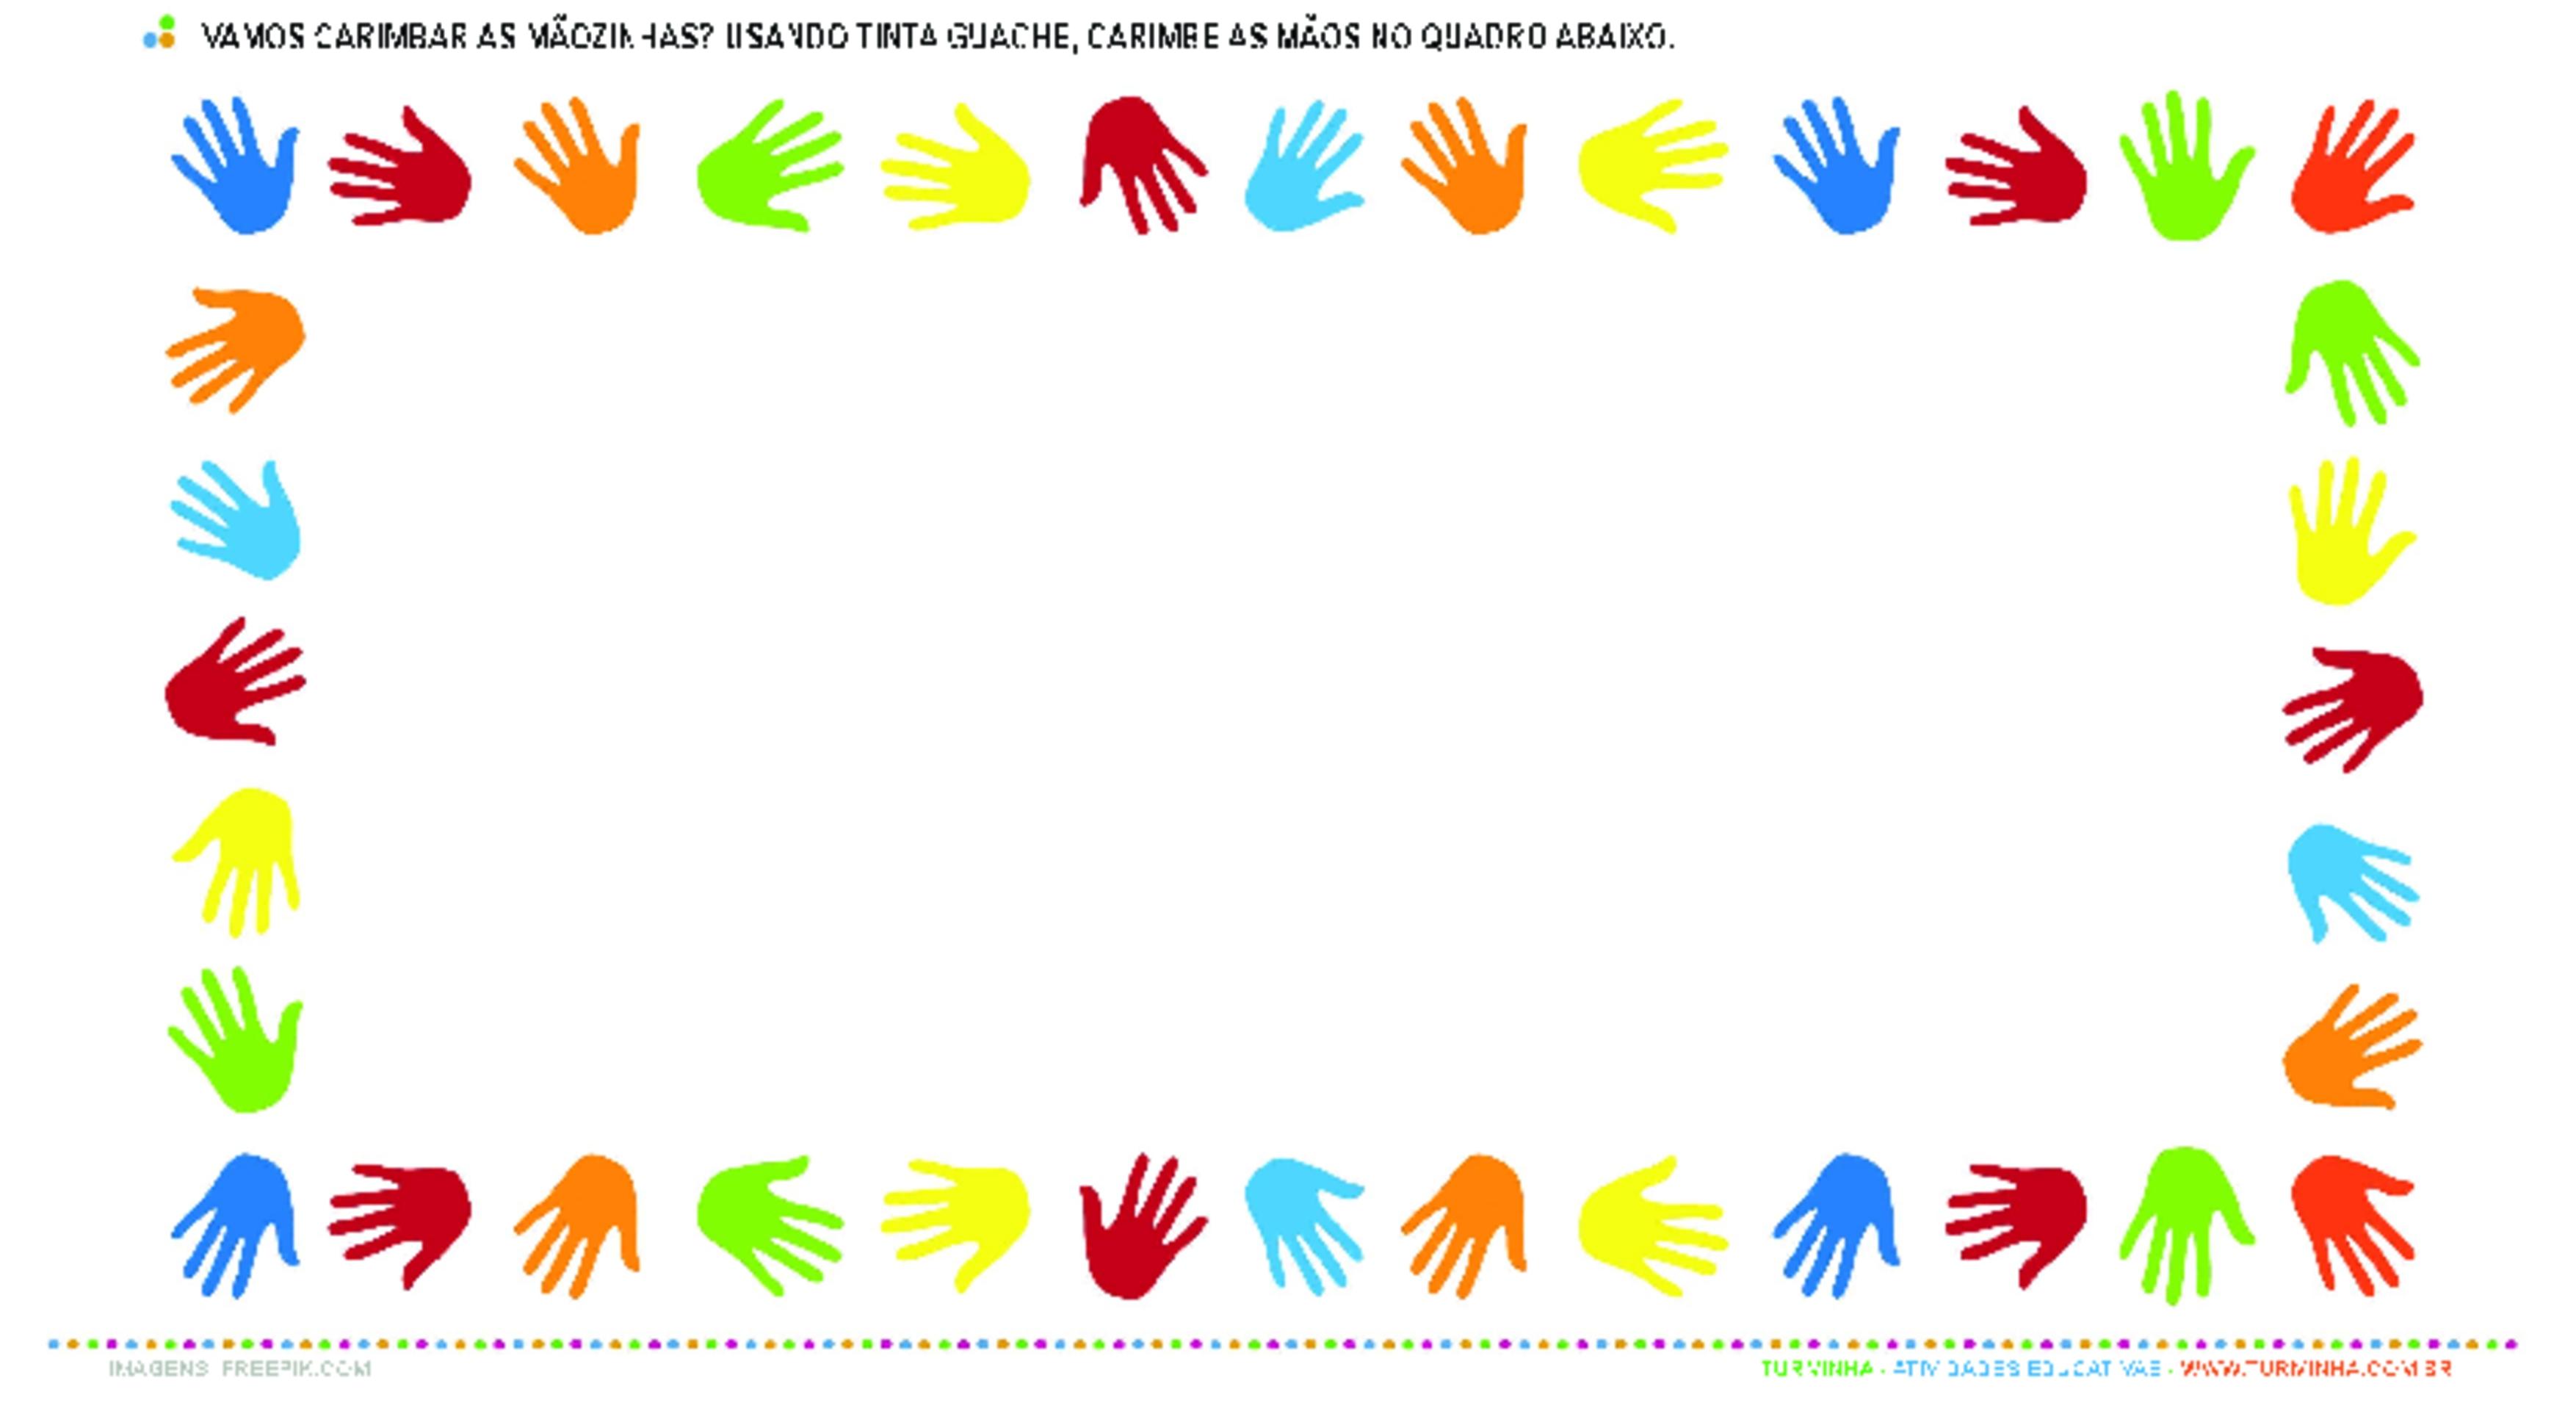 Carimbando as Mãos - atividade educativa para Creche (0 a 3 anos)